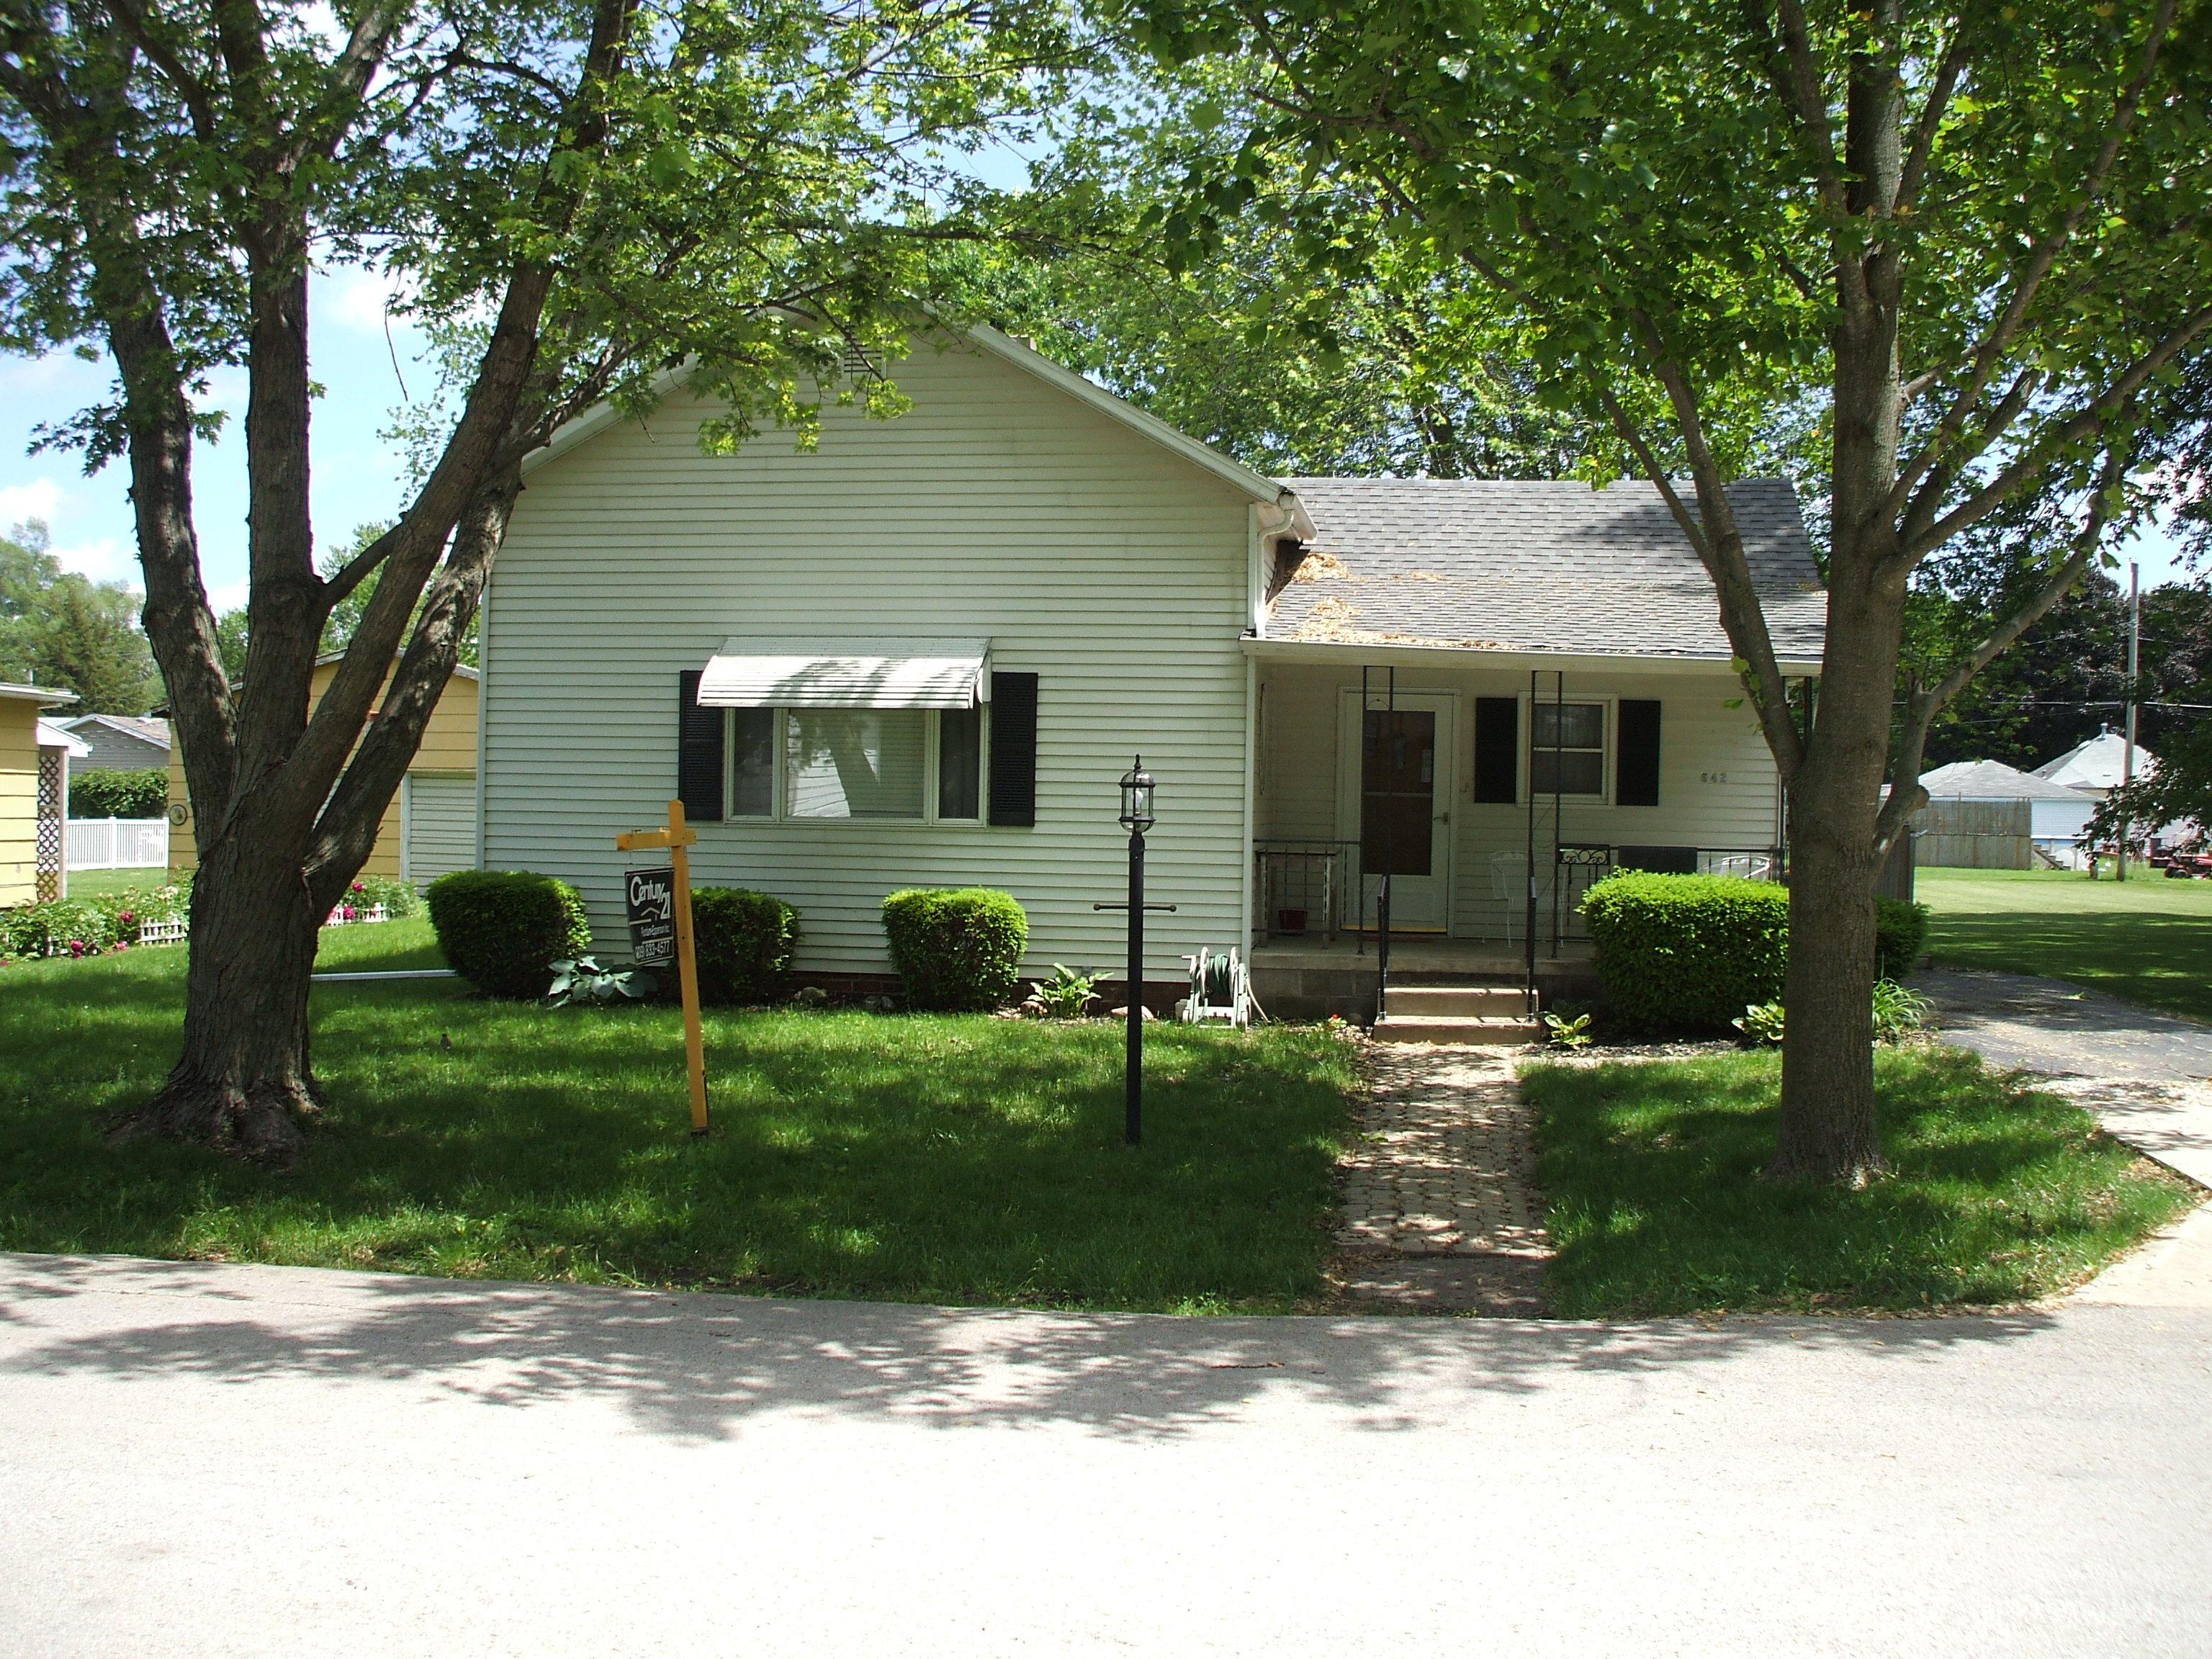 642 Miller St., Bushnell, IL 61422